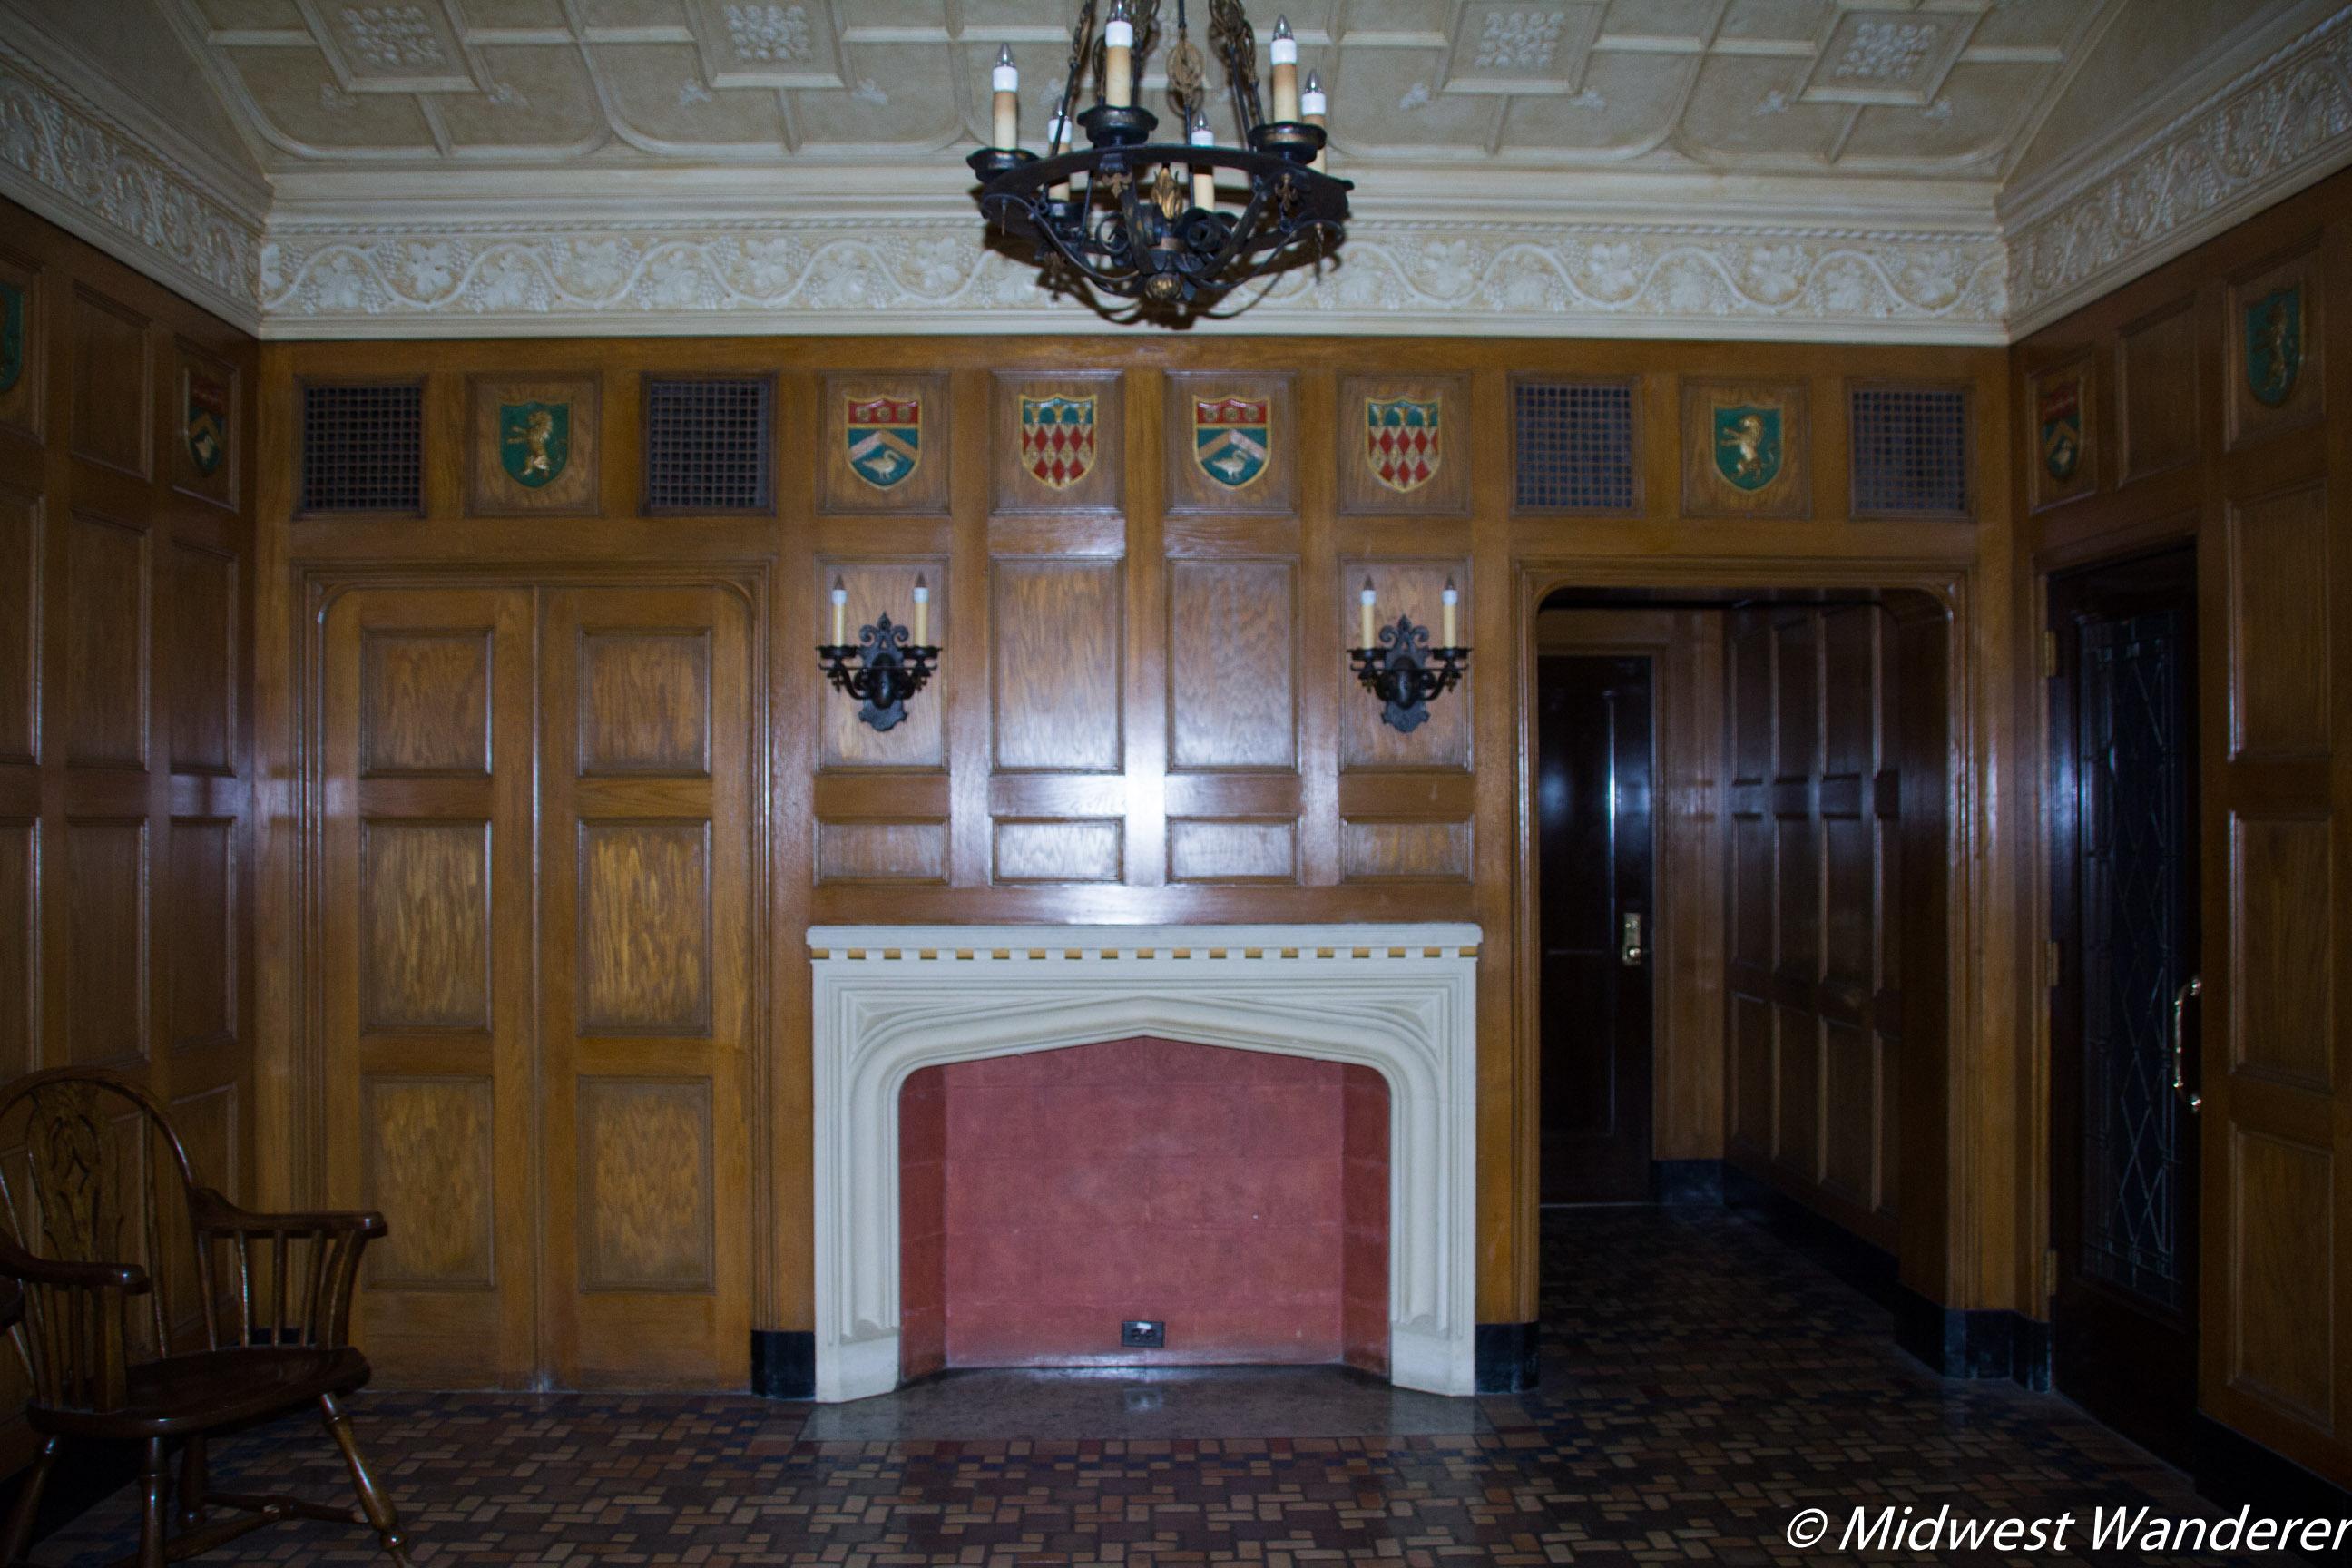 Hershey Theatre men's smoking room